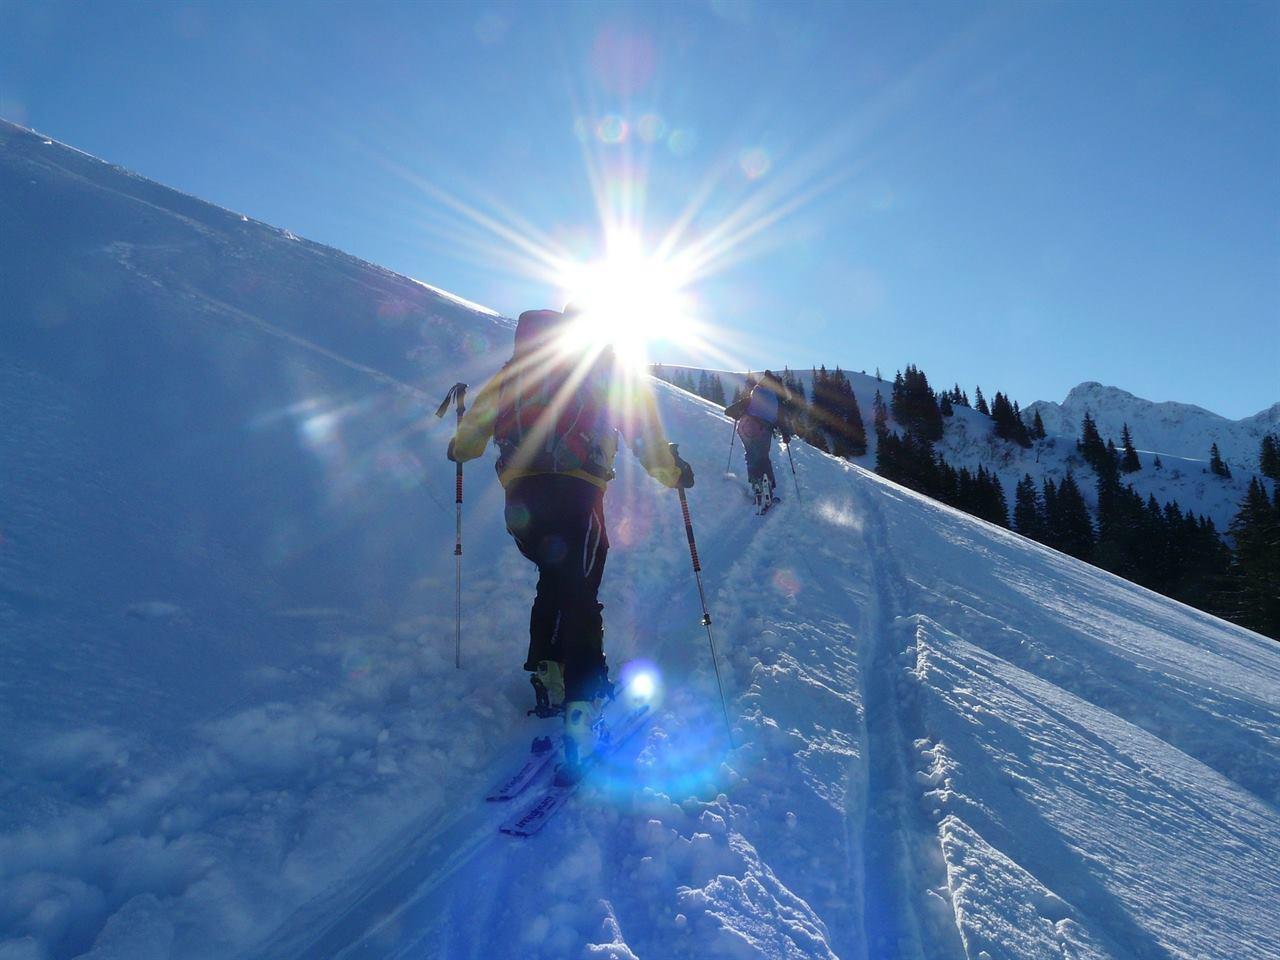 Несколько полезных советов о чем следует помнить во время зимнего похода